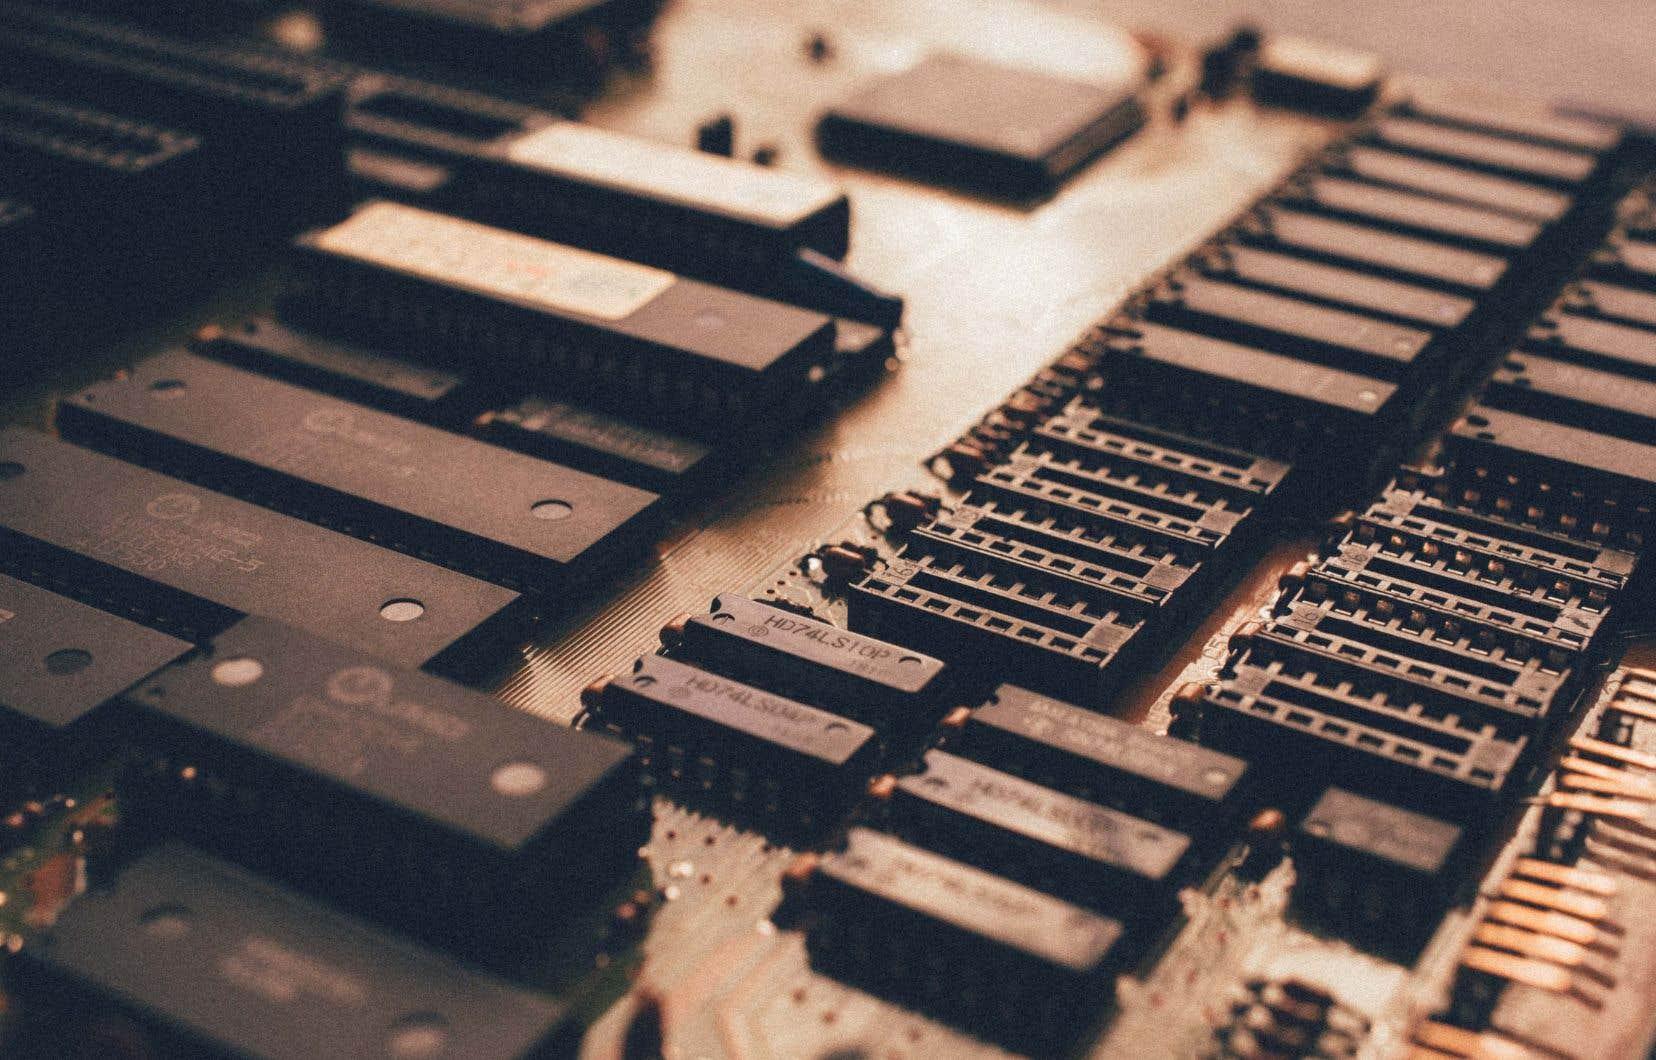 Les répercussions sur l'emploi de la révolution technologique pourraient être considérables.